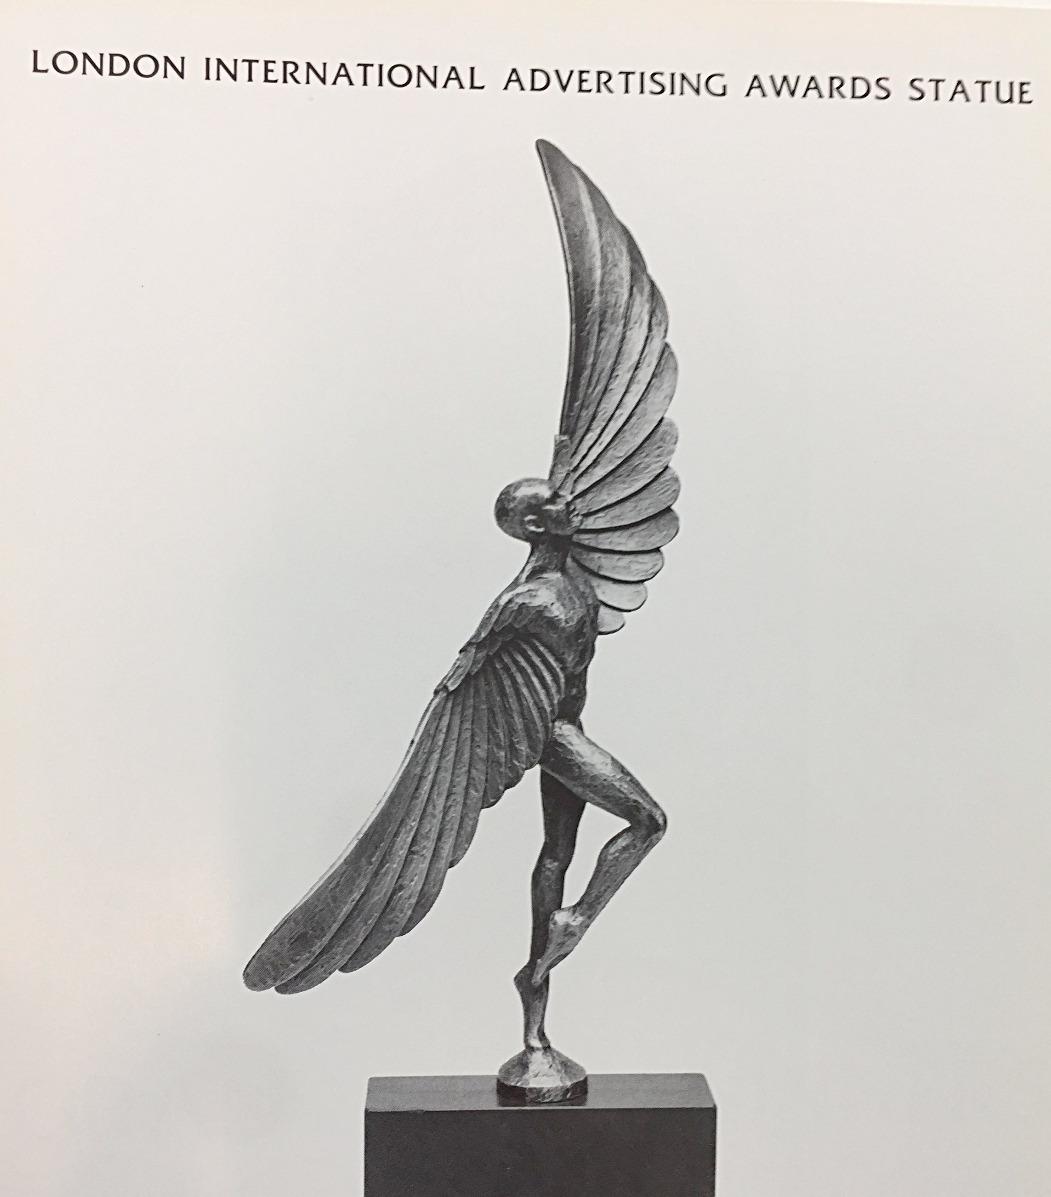 winner of 2LondonInternationalAwards